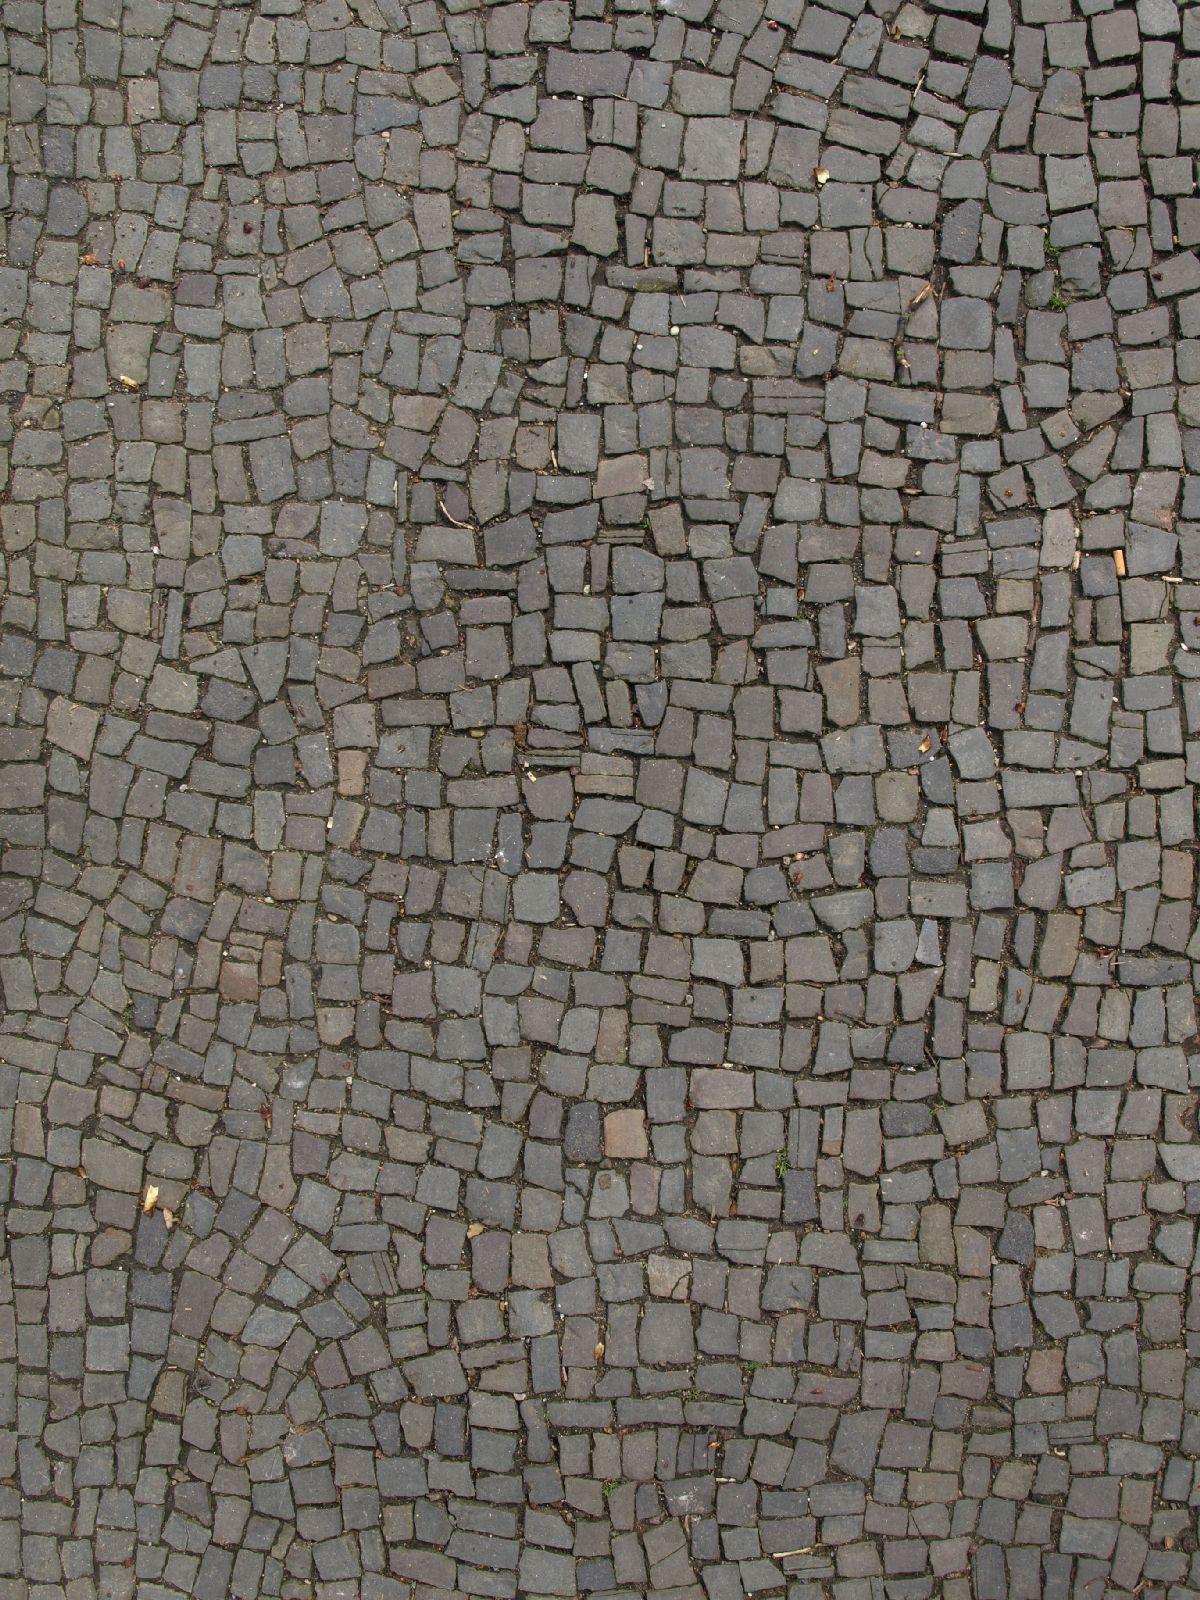 Ground-Urban_Texture_A_P4131092